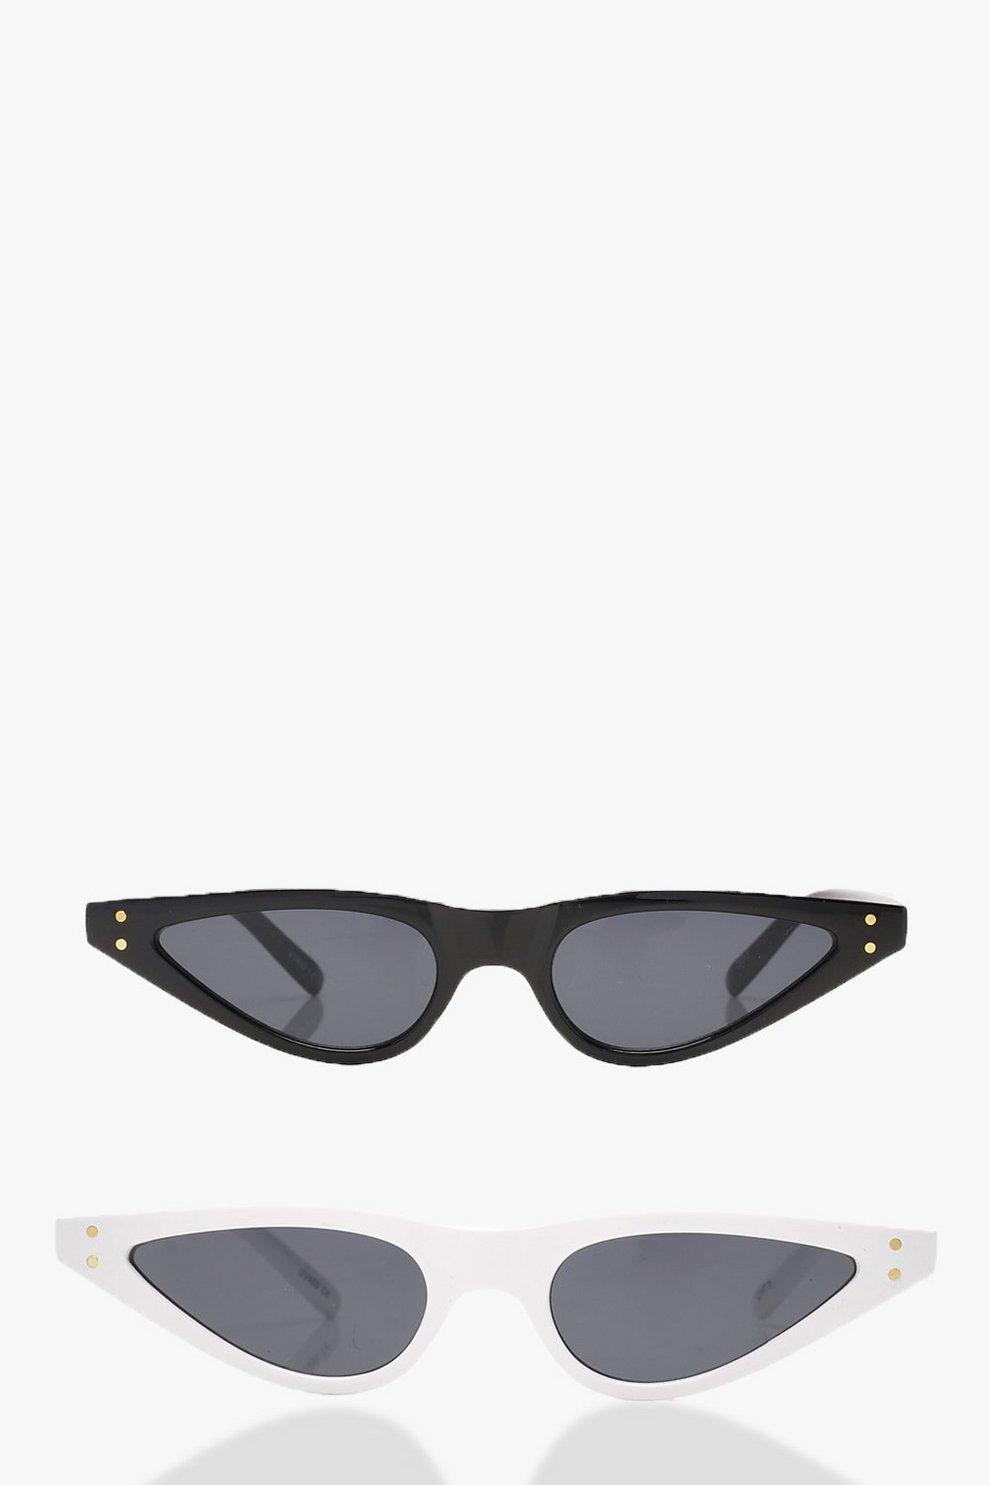 a2bfe66a07b 2 Pack Skinny Cat Eye Sunglasses